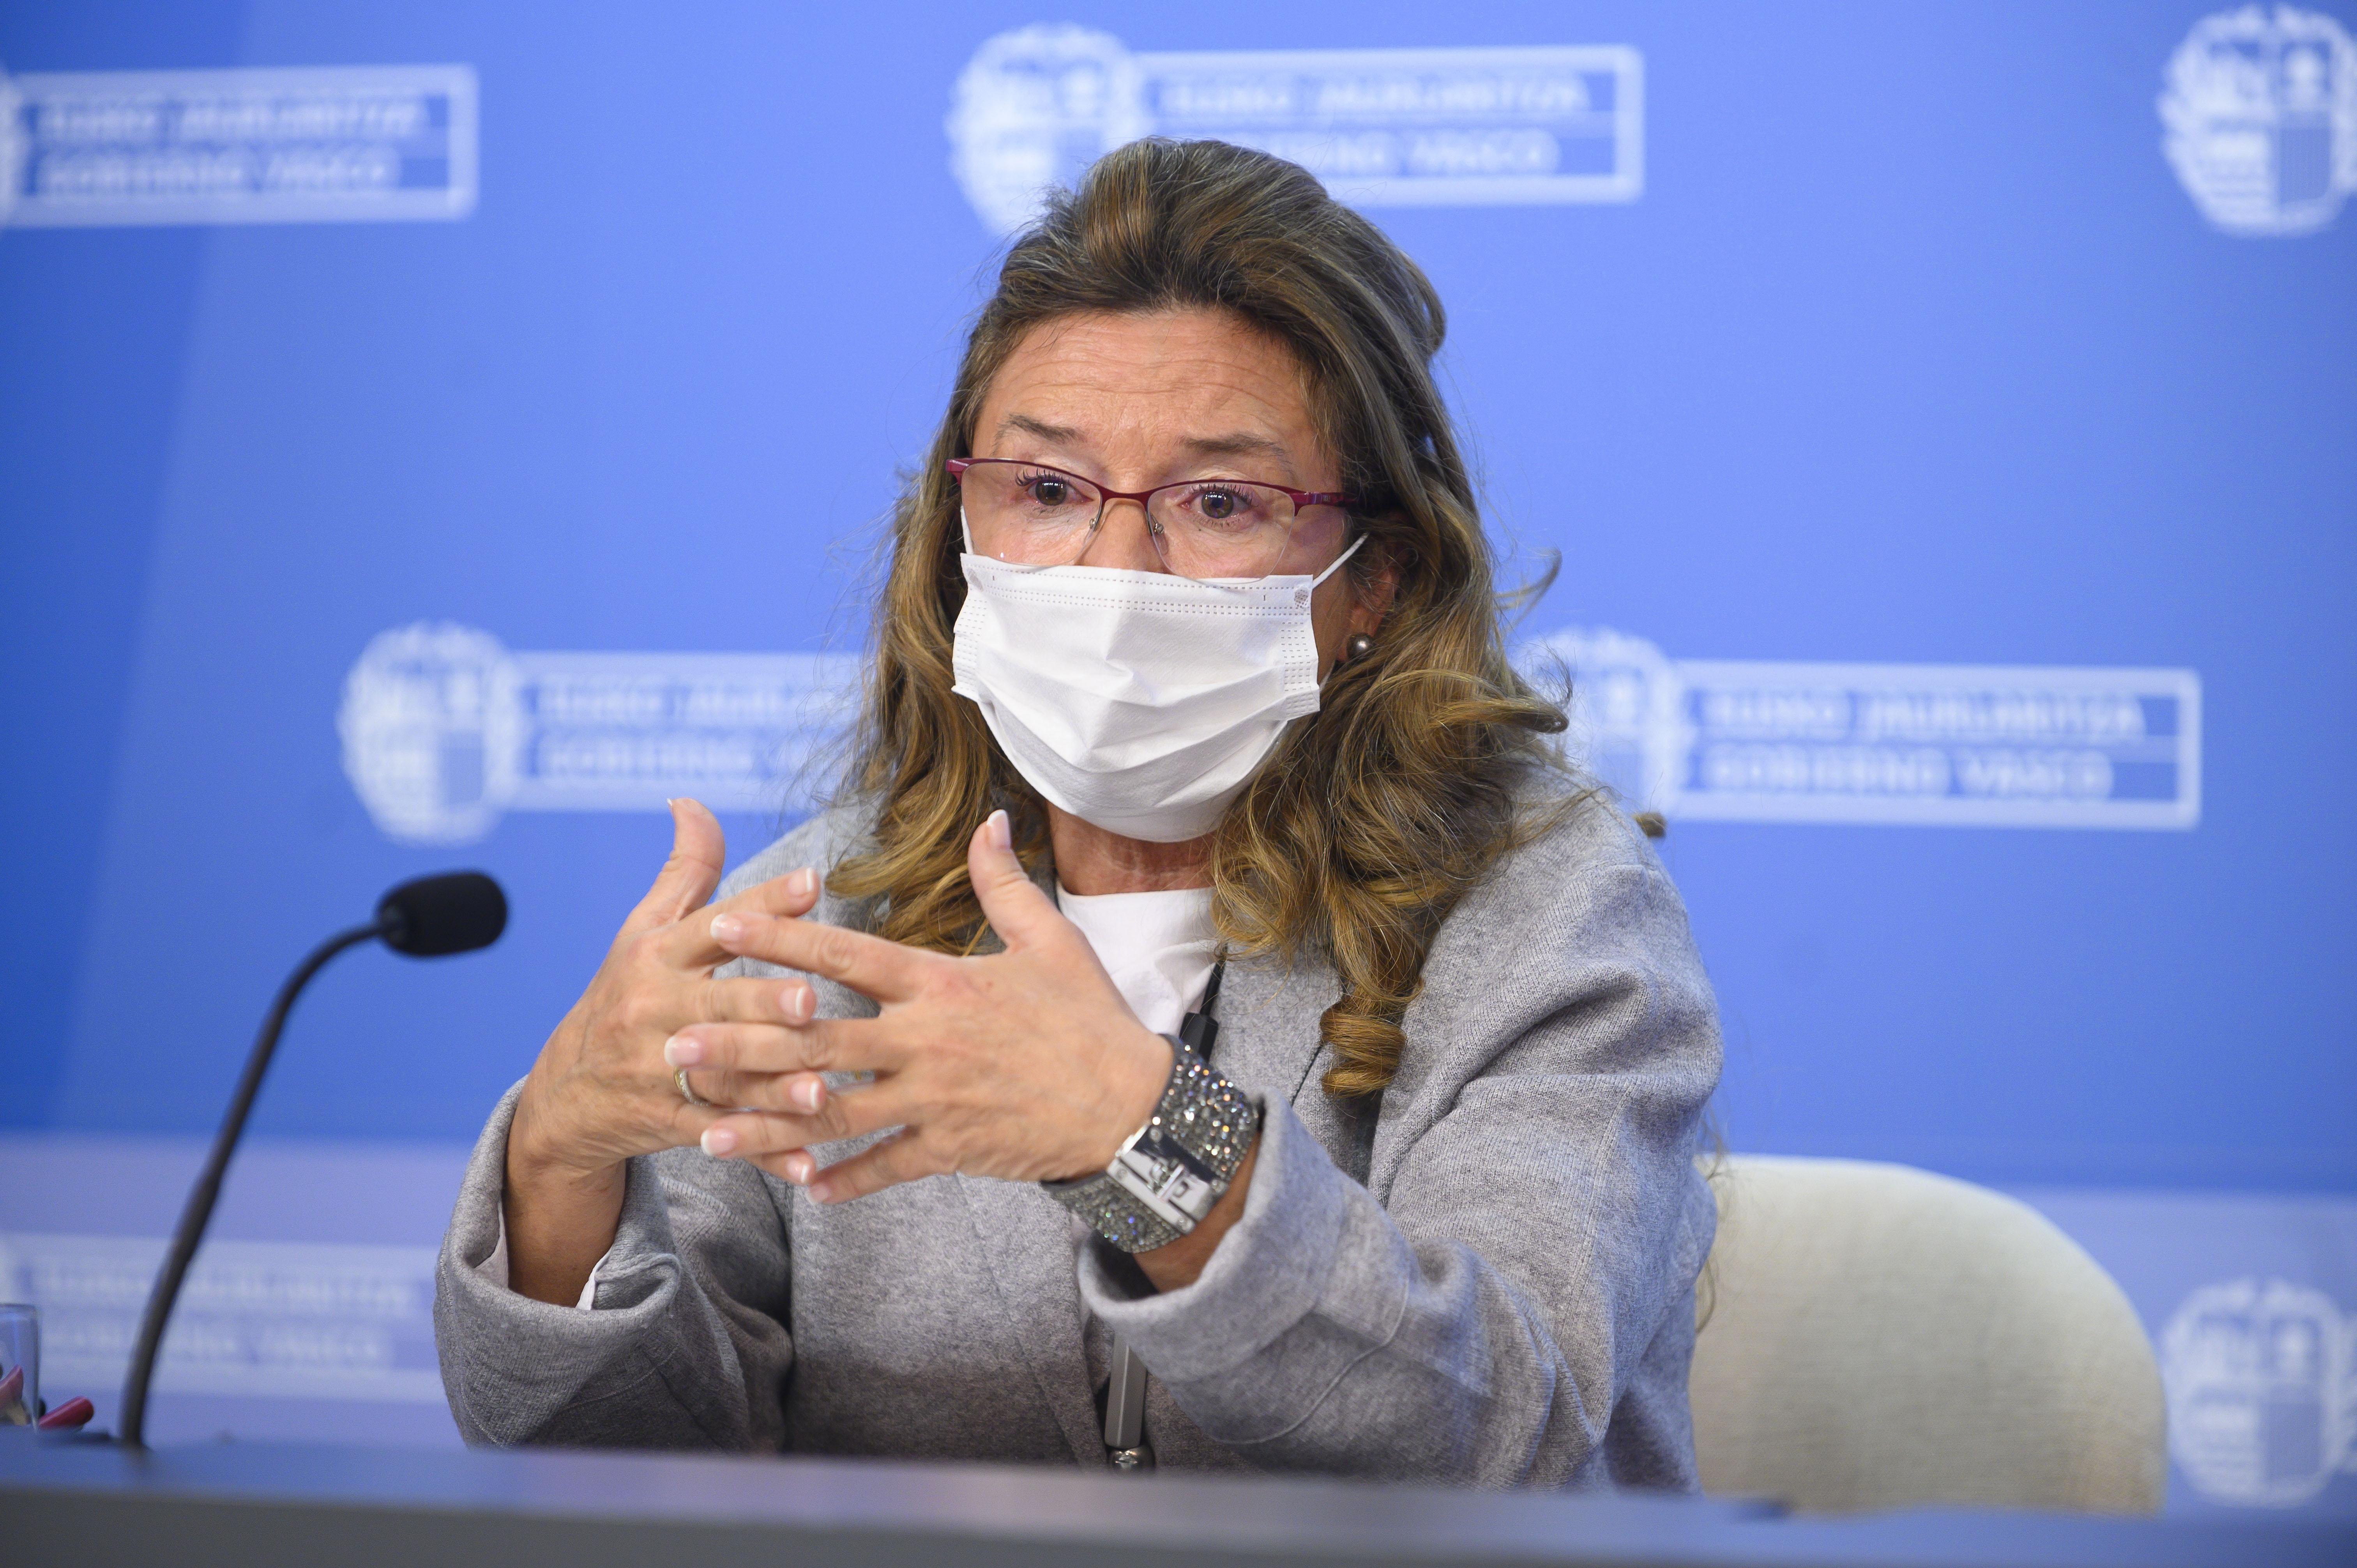 2020_11_30_comparecencia_salud_labi.jpg